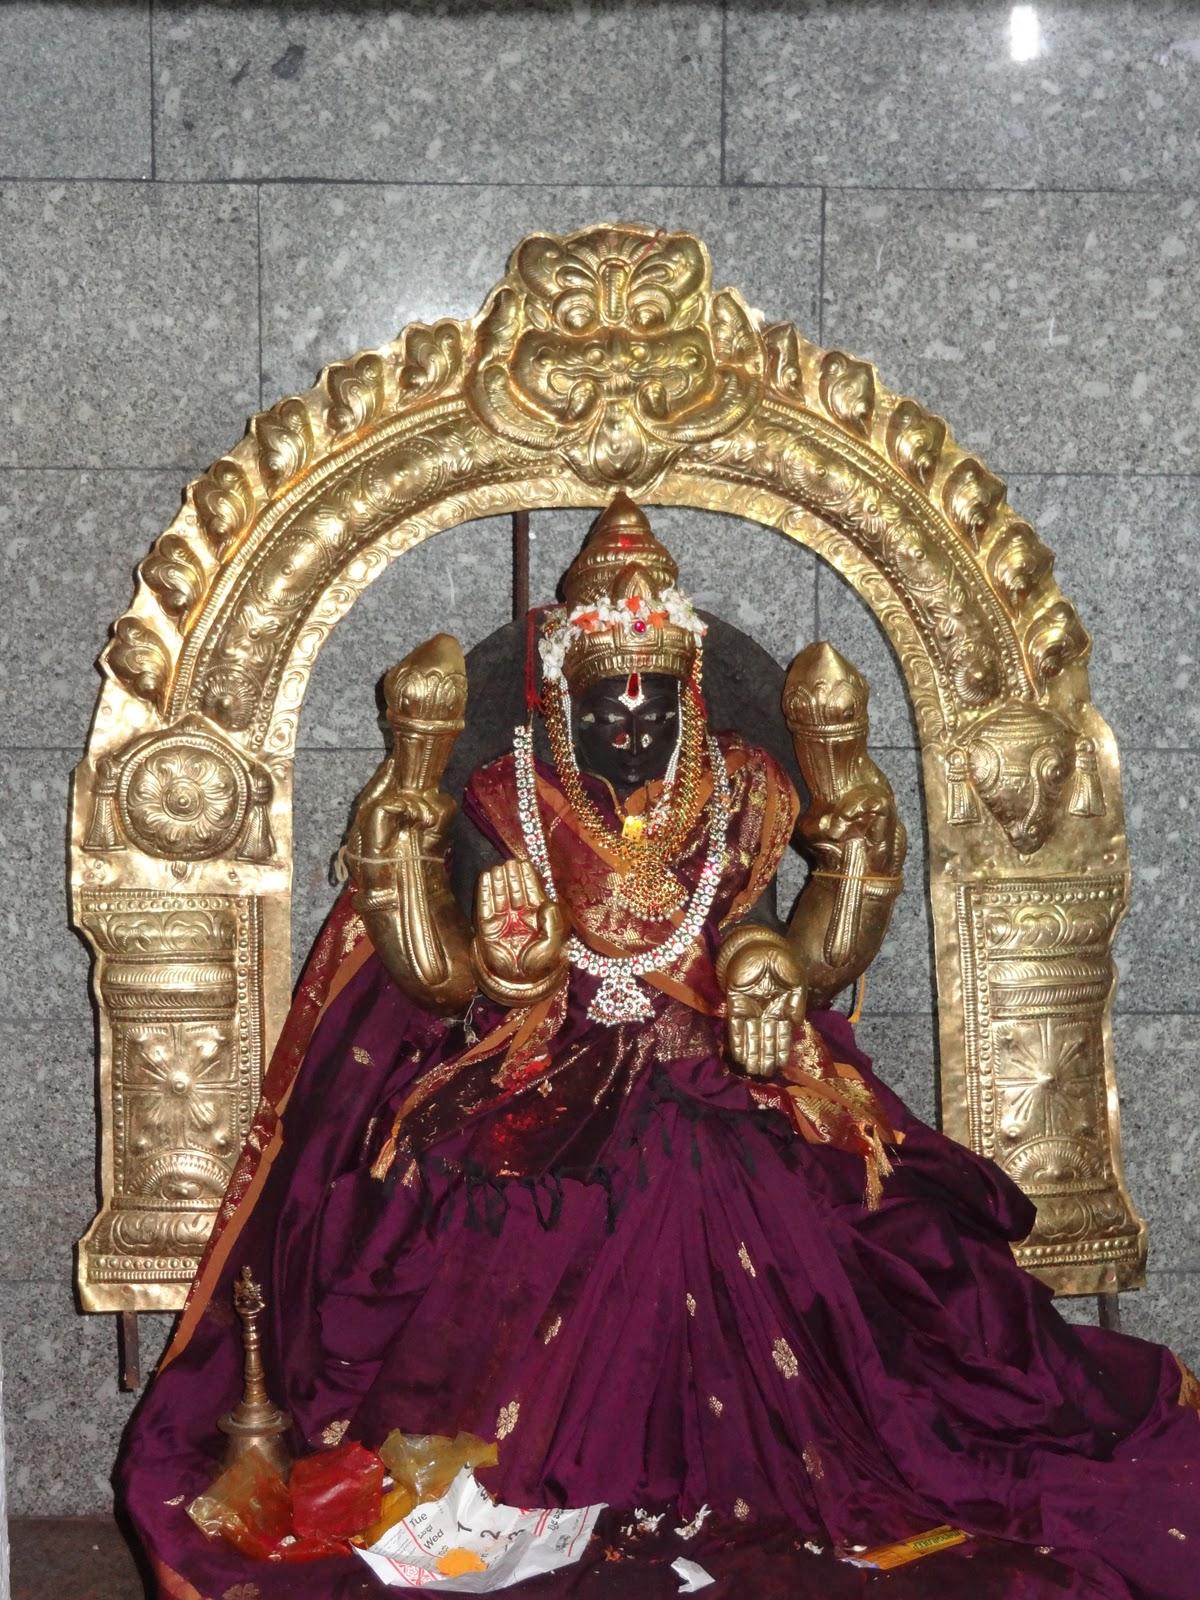 Varadaraja swamy temple in bangalore dating